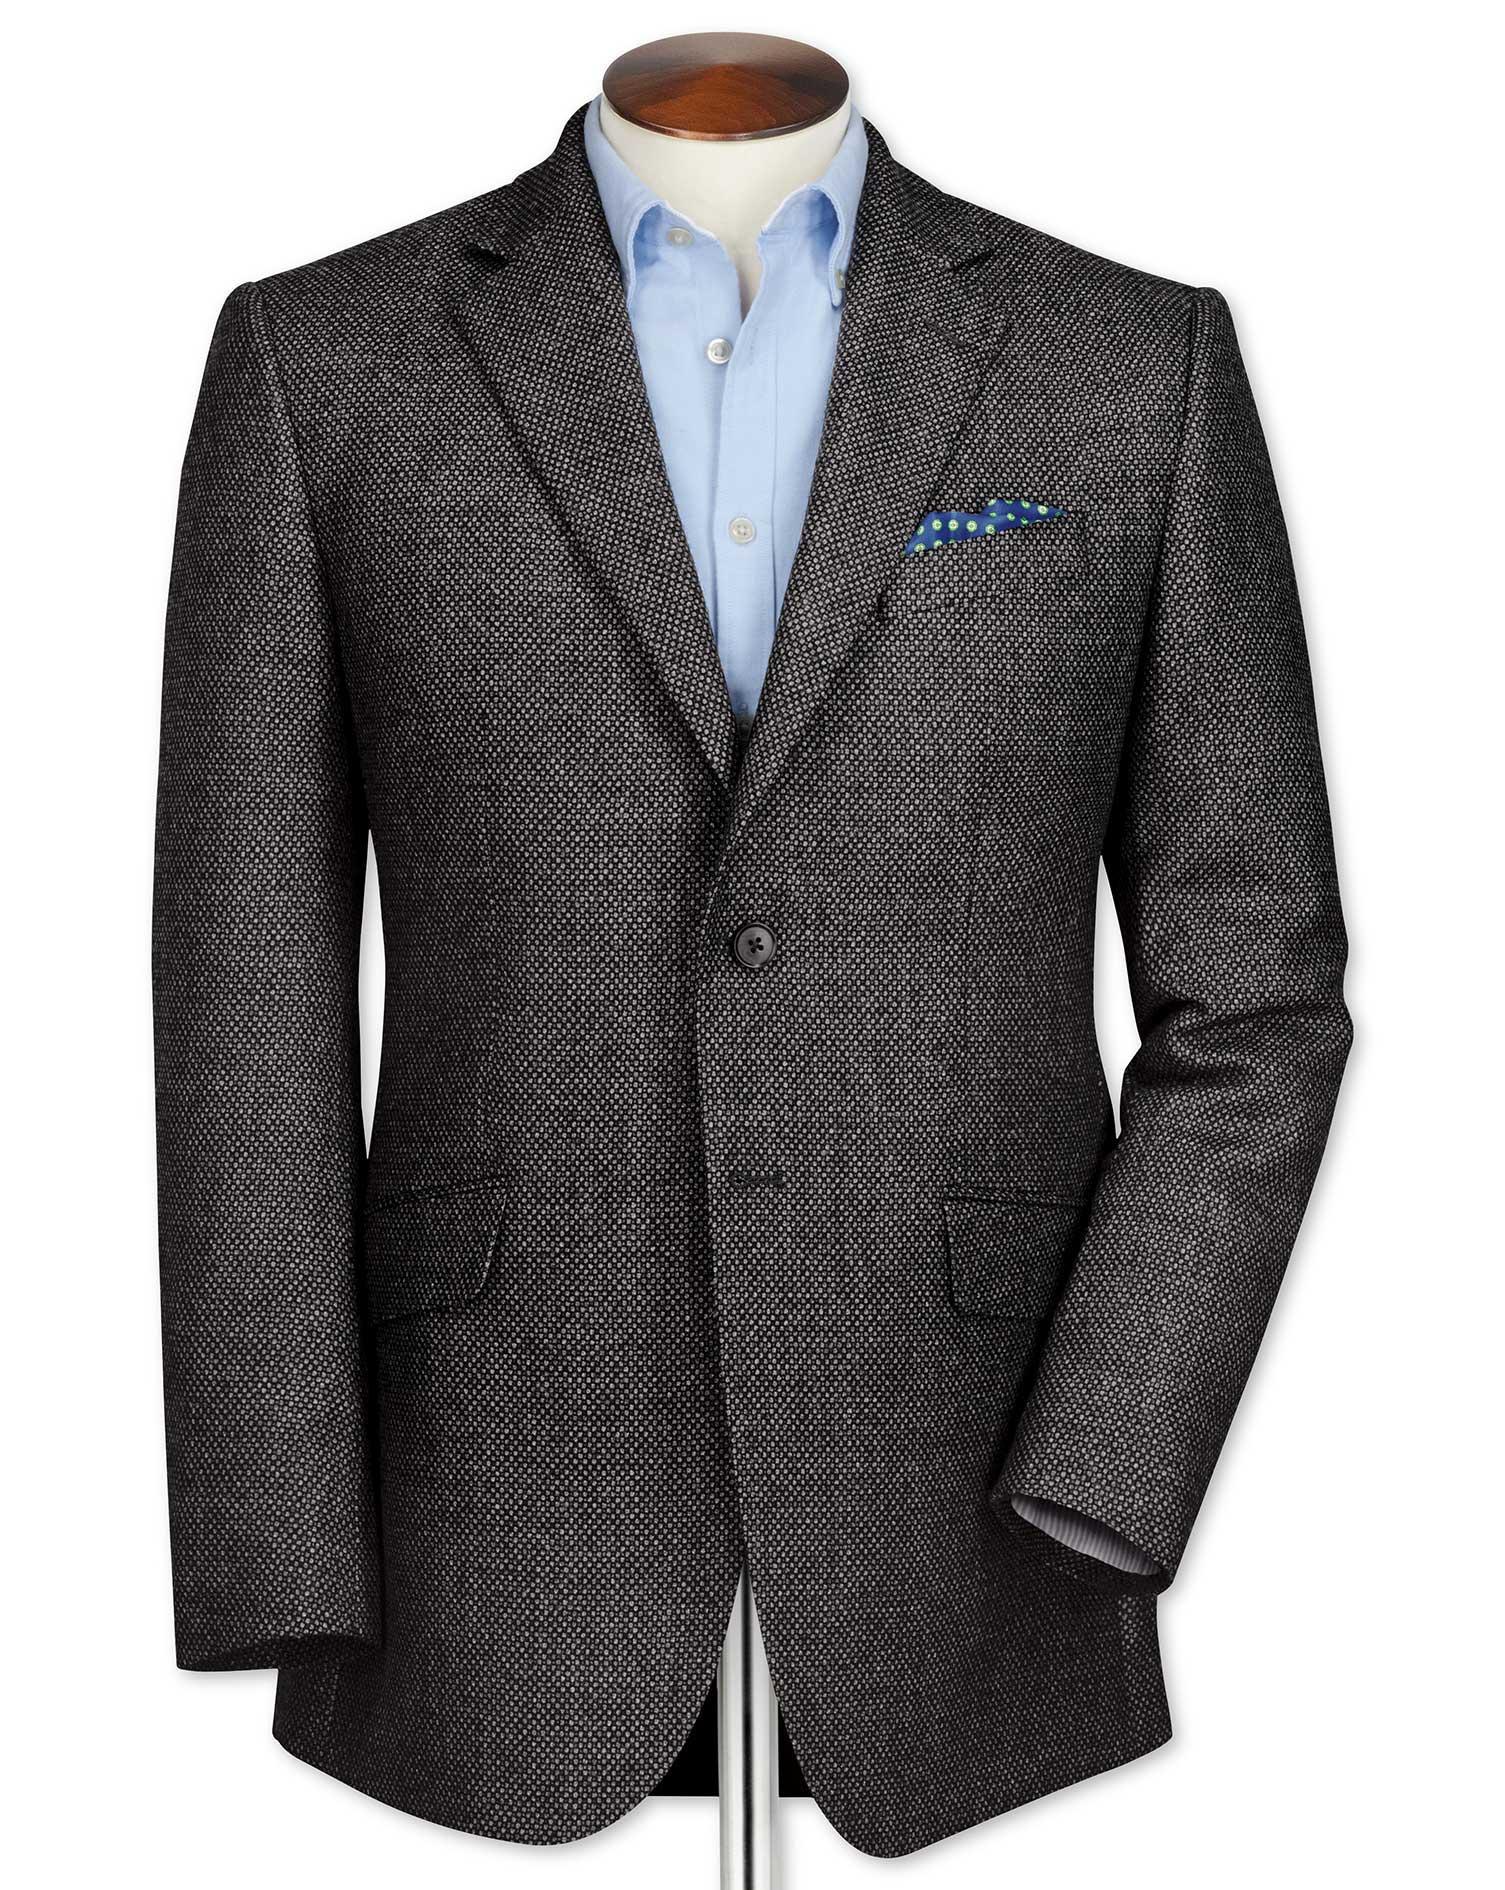 Slim Fit Grey Birdseye Lambswool Wool Jacket Size 44 Long by Charles Tyrwhitt